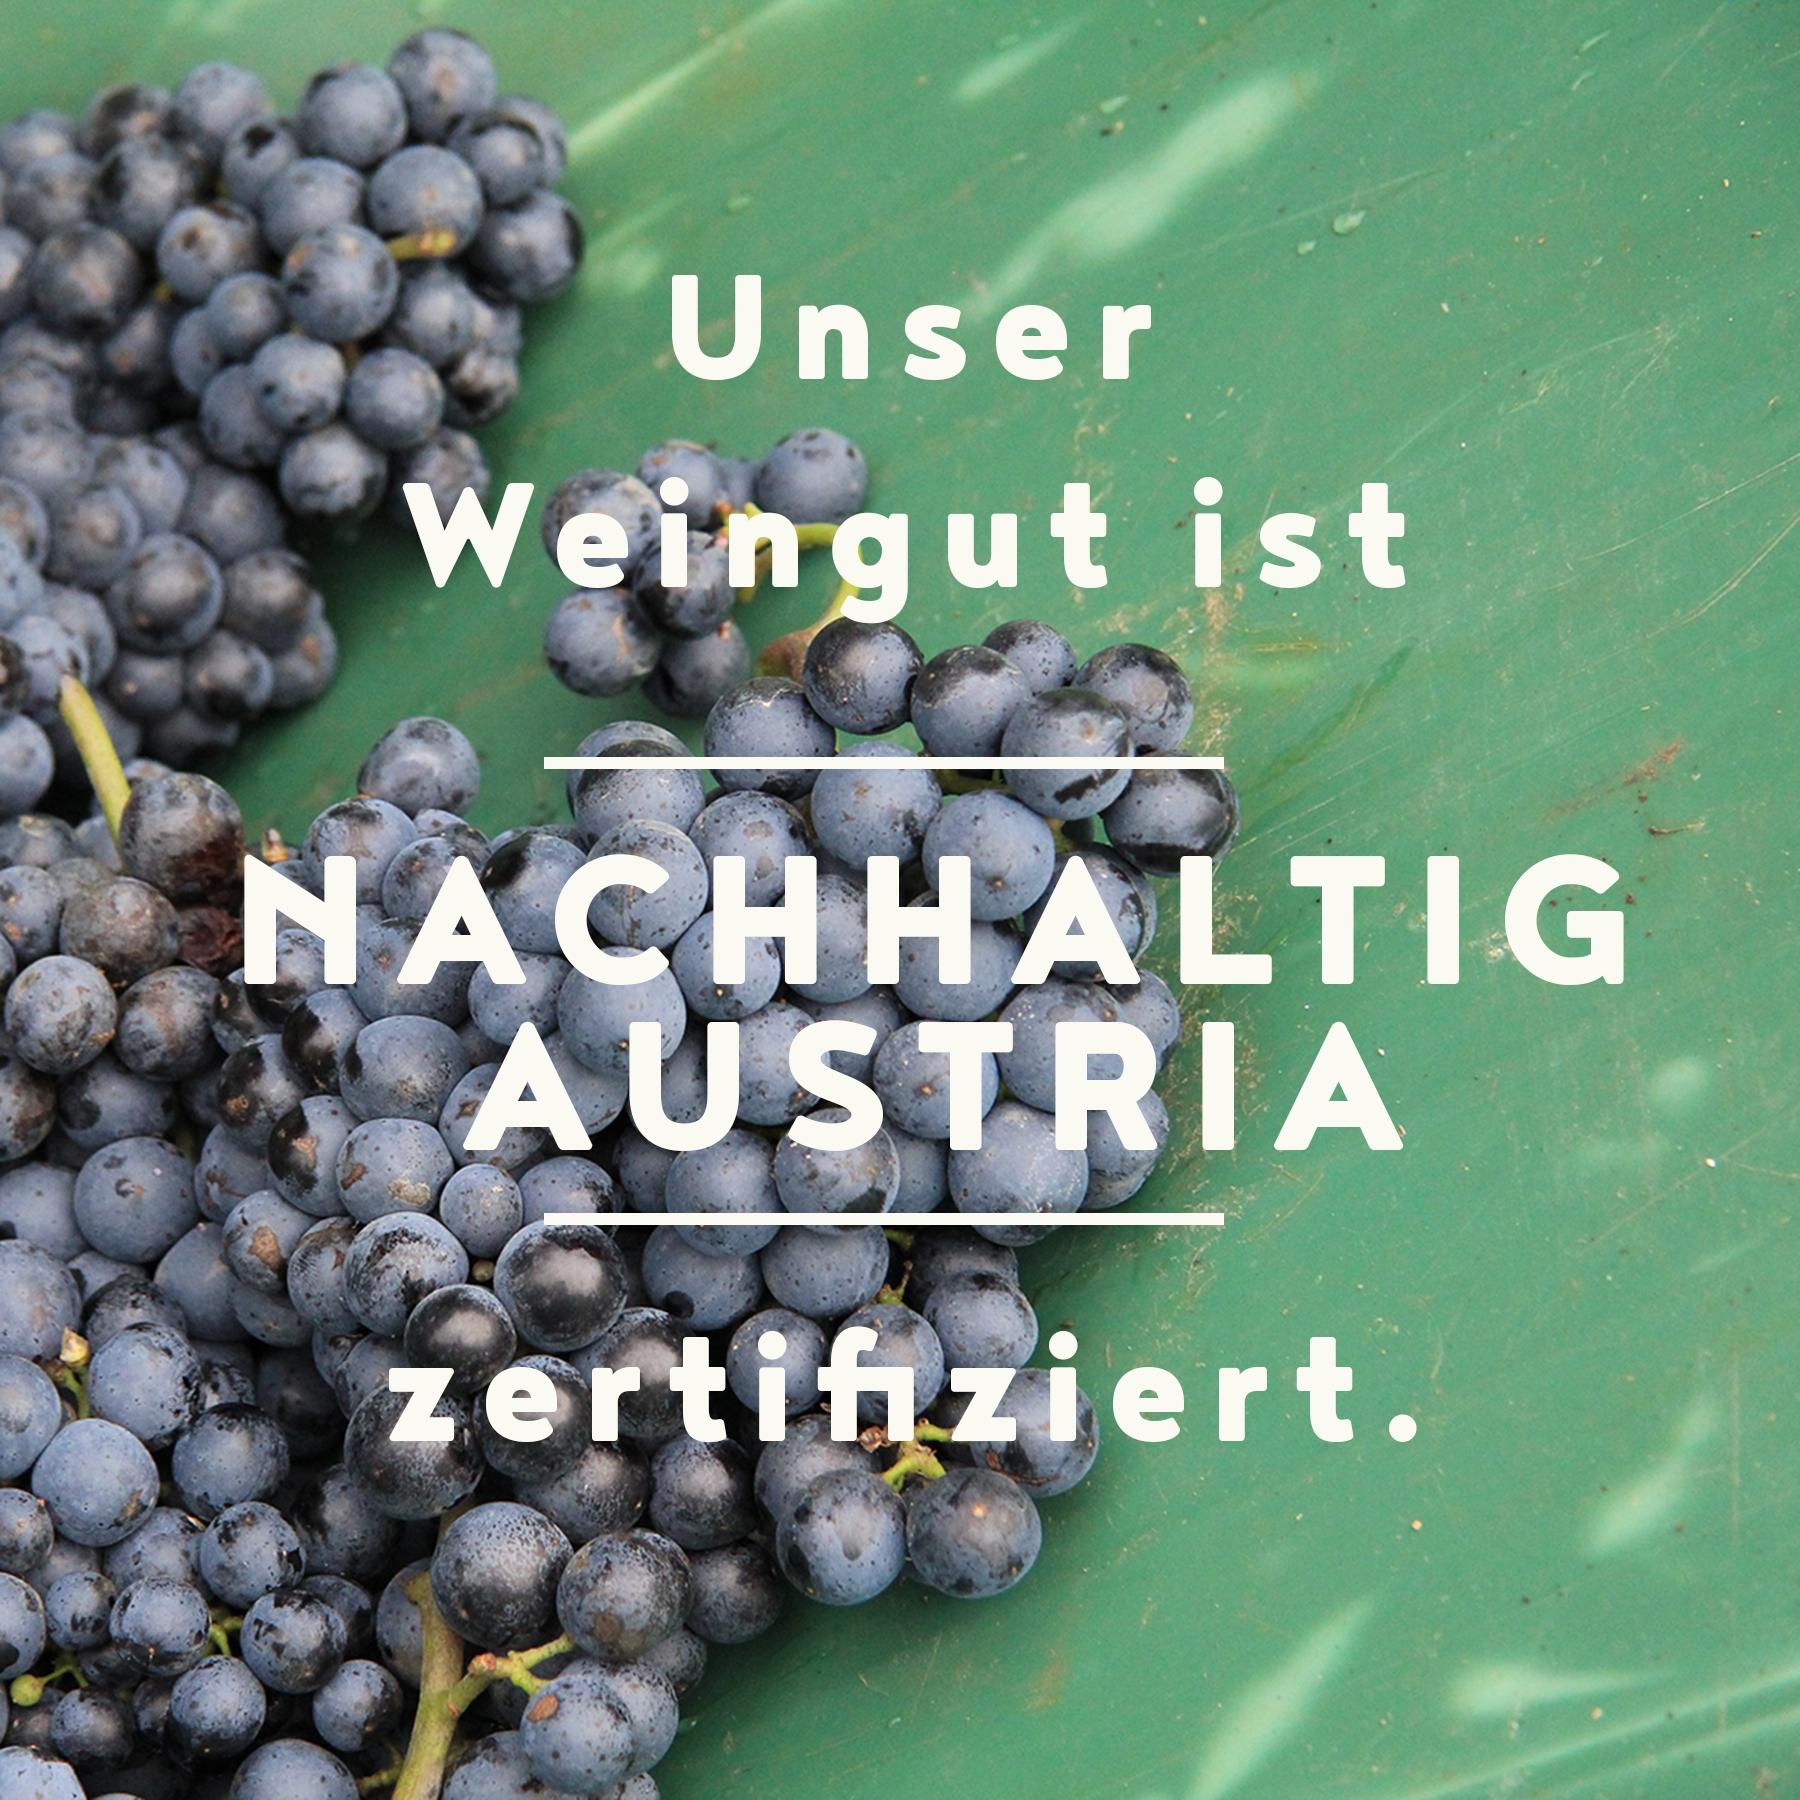 Bild Website News Nachhaltig Austriazertifiziert